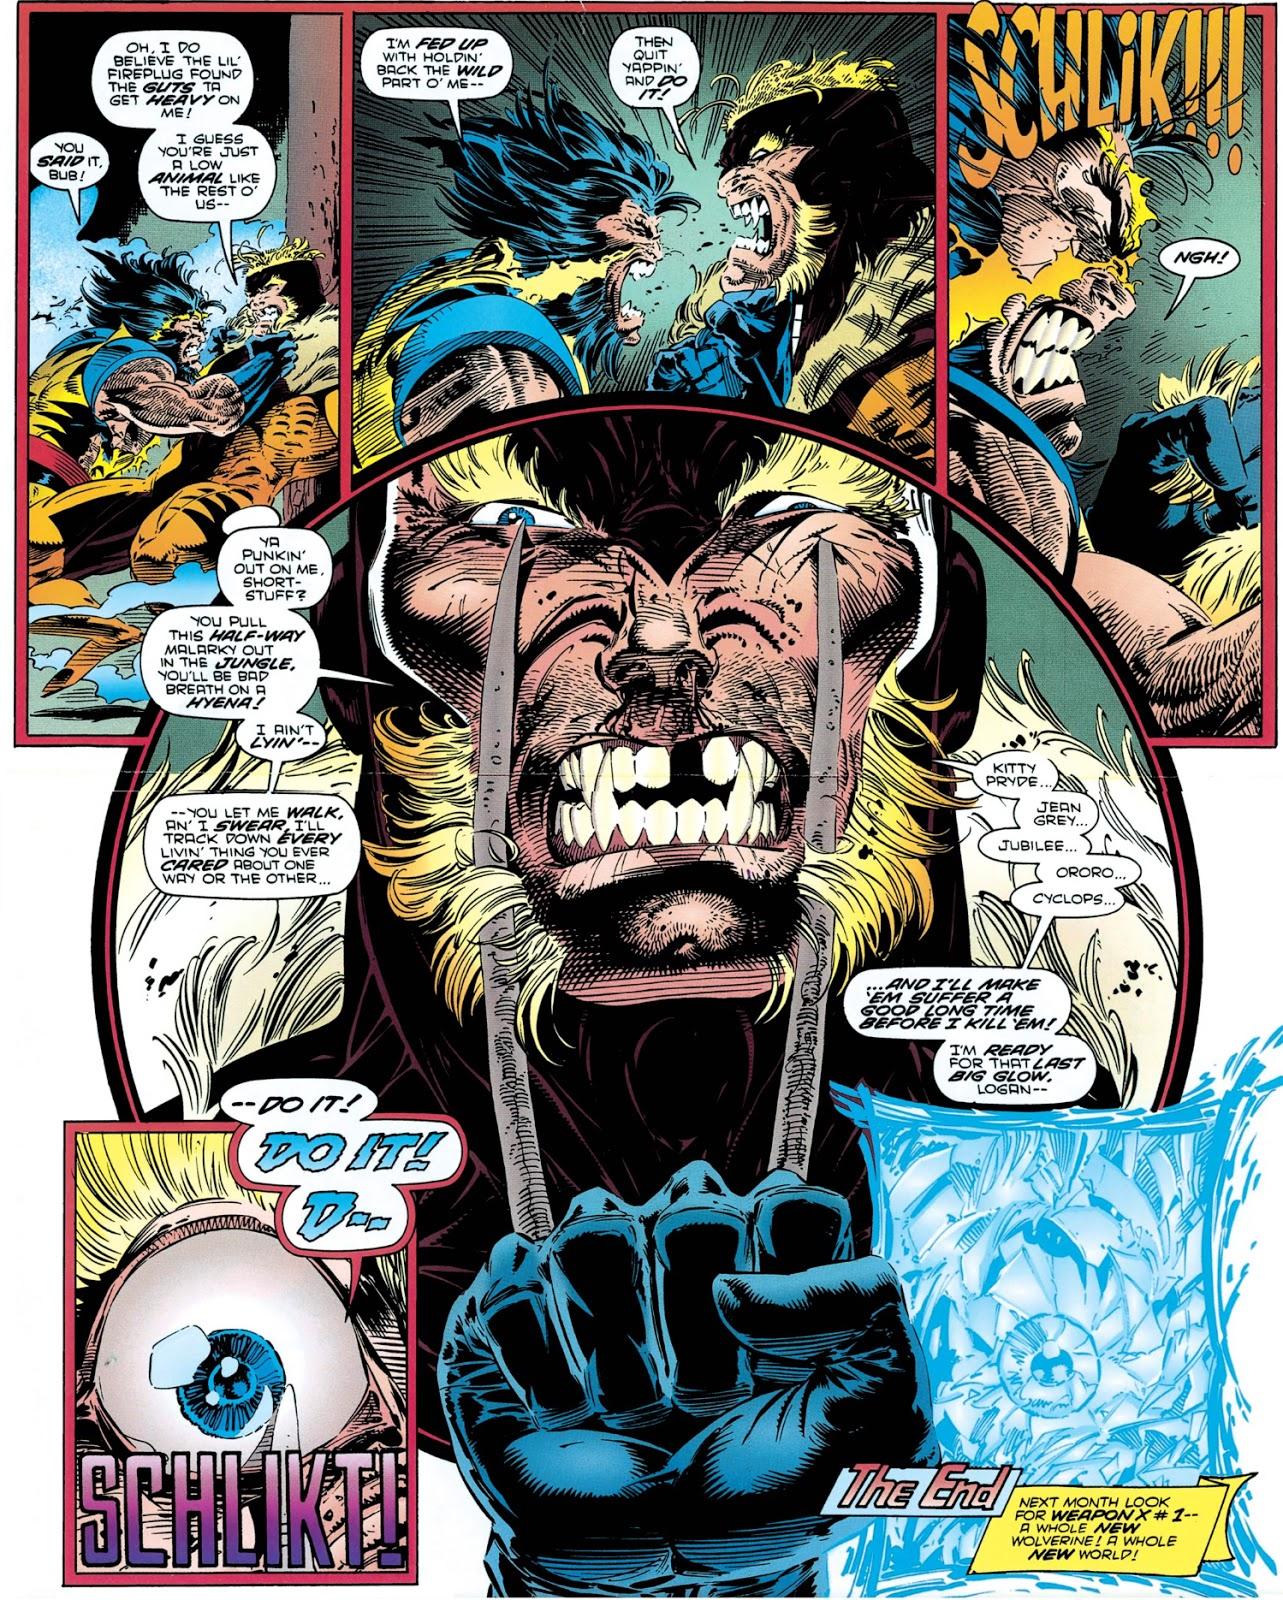 Gentlemen of Leisure: X-amining Wolverine #90